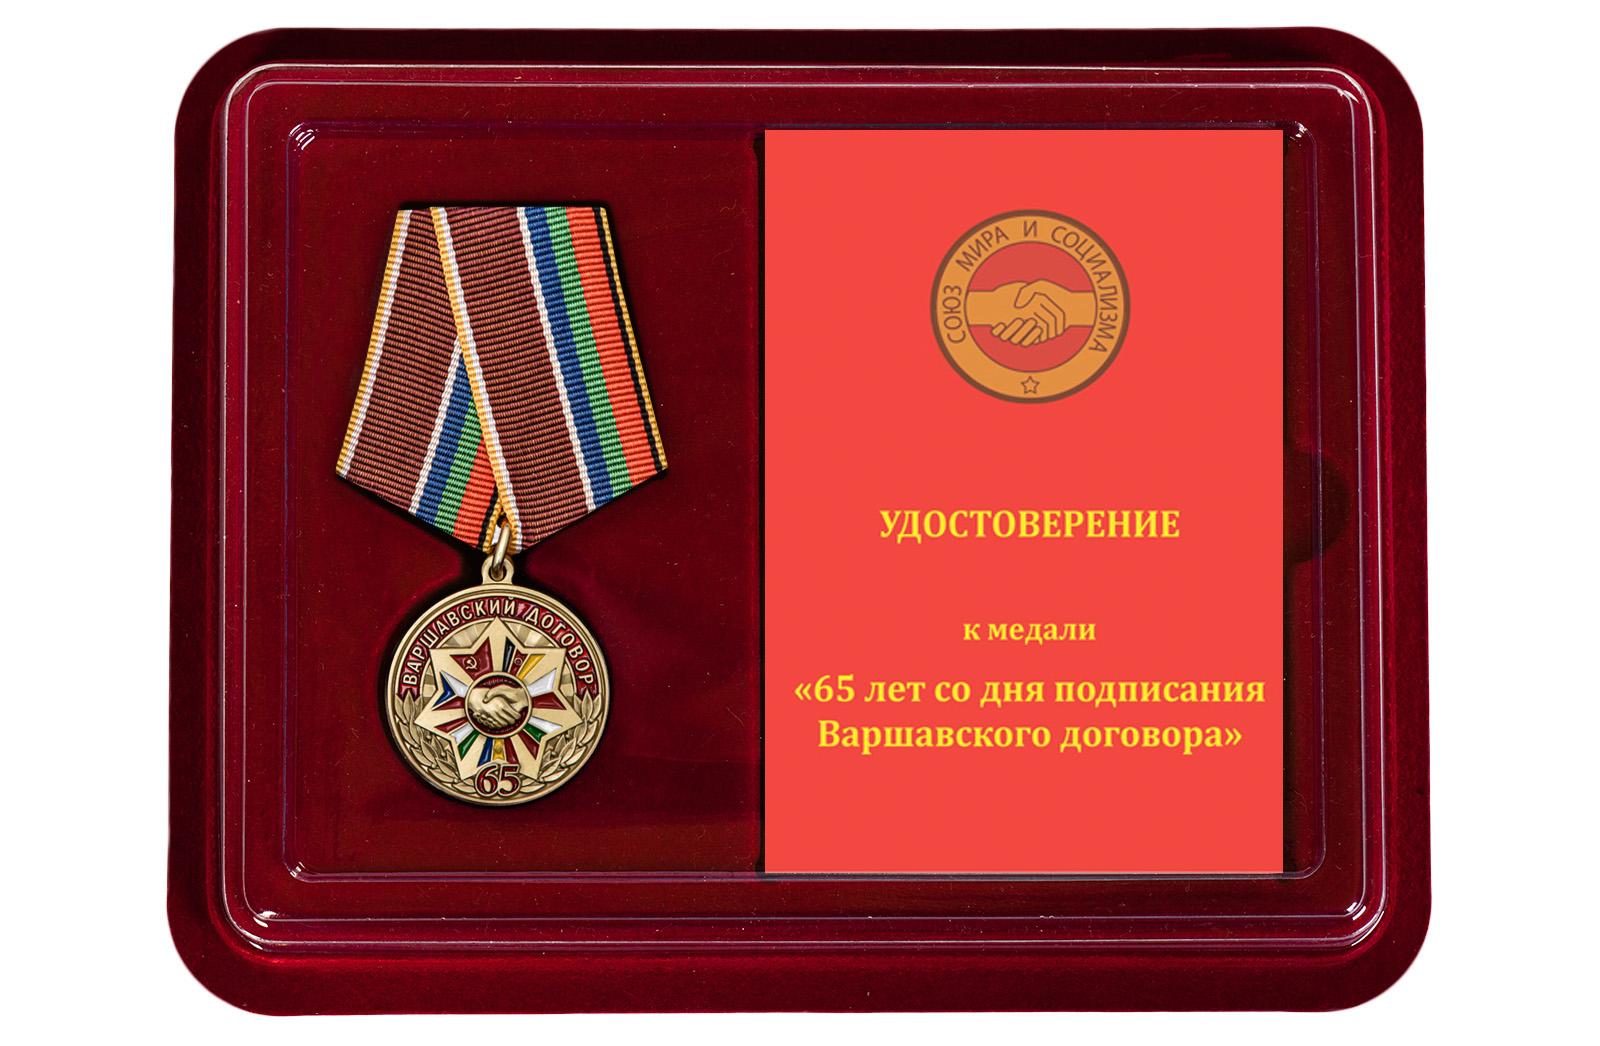 Купить медаль 65 лет Варшавскому договору оптом или в розницу